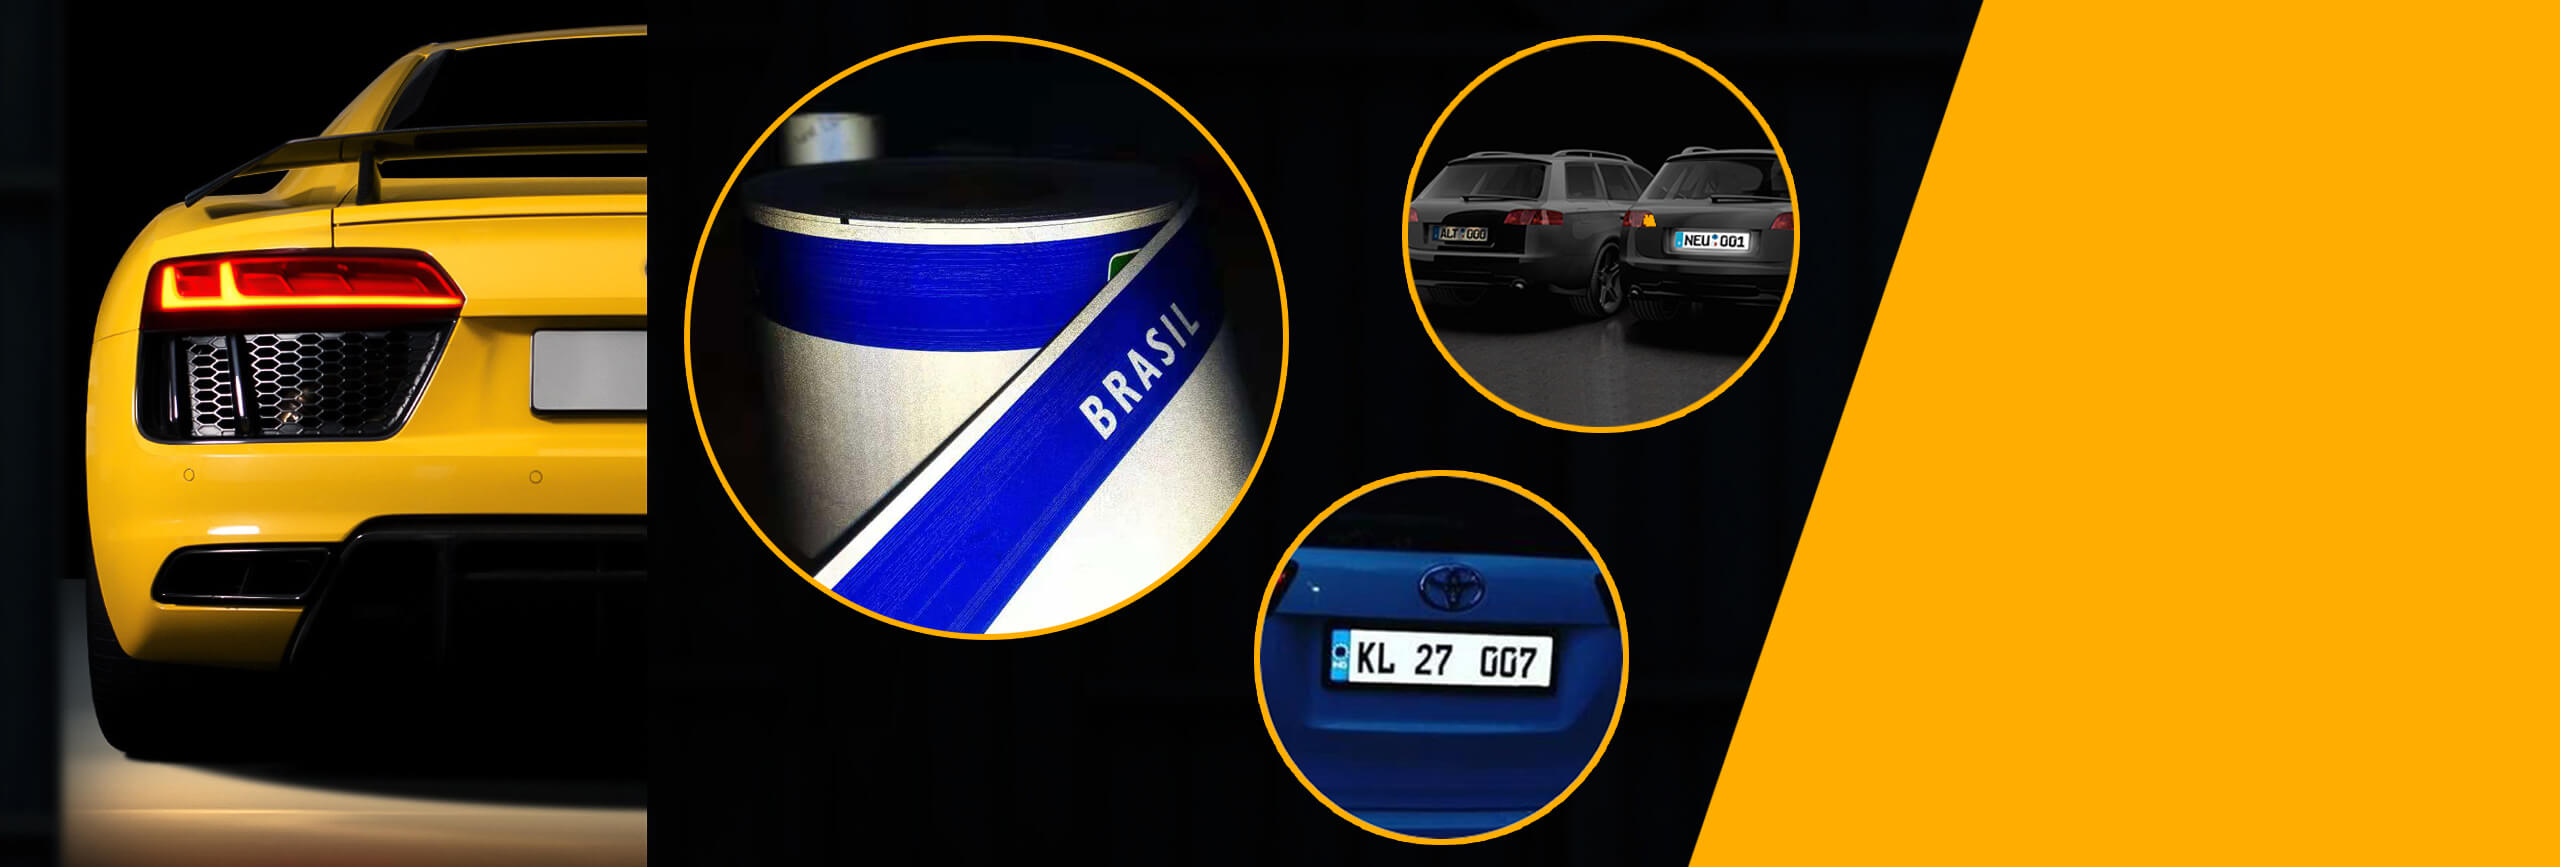 ISO7591反光车牌膜